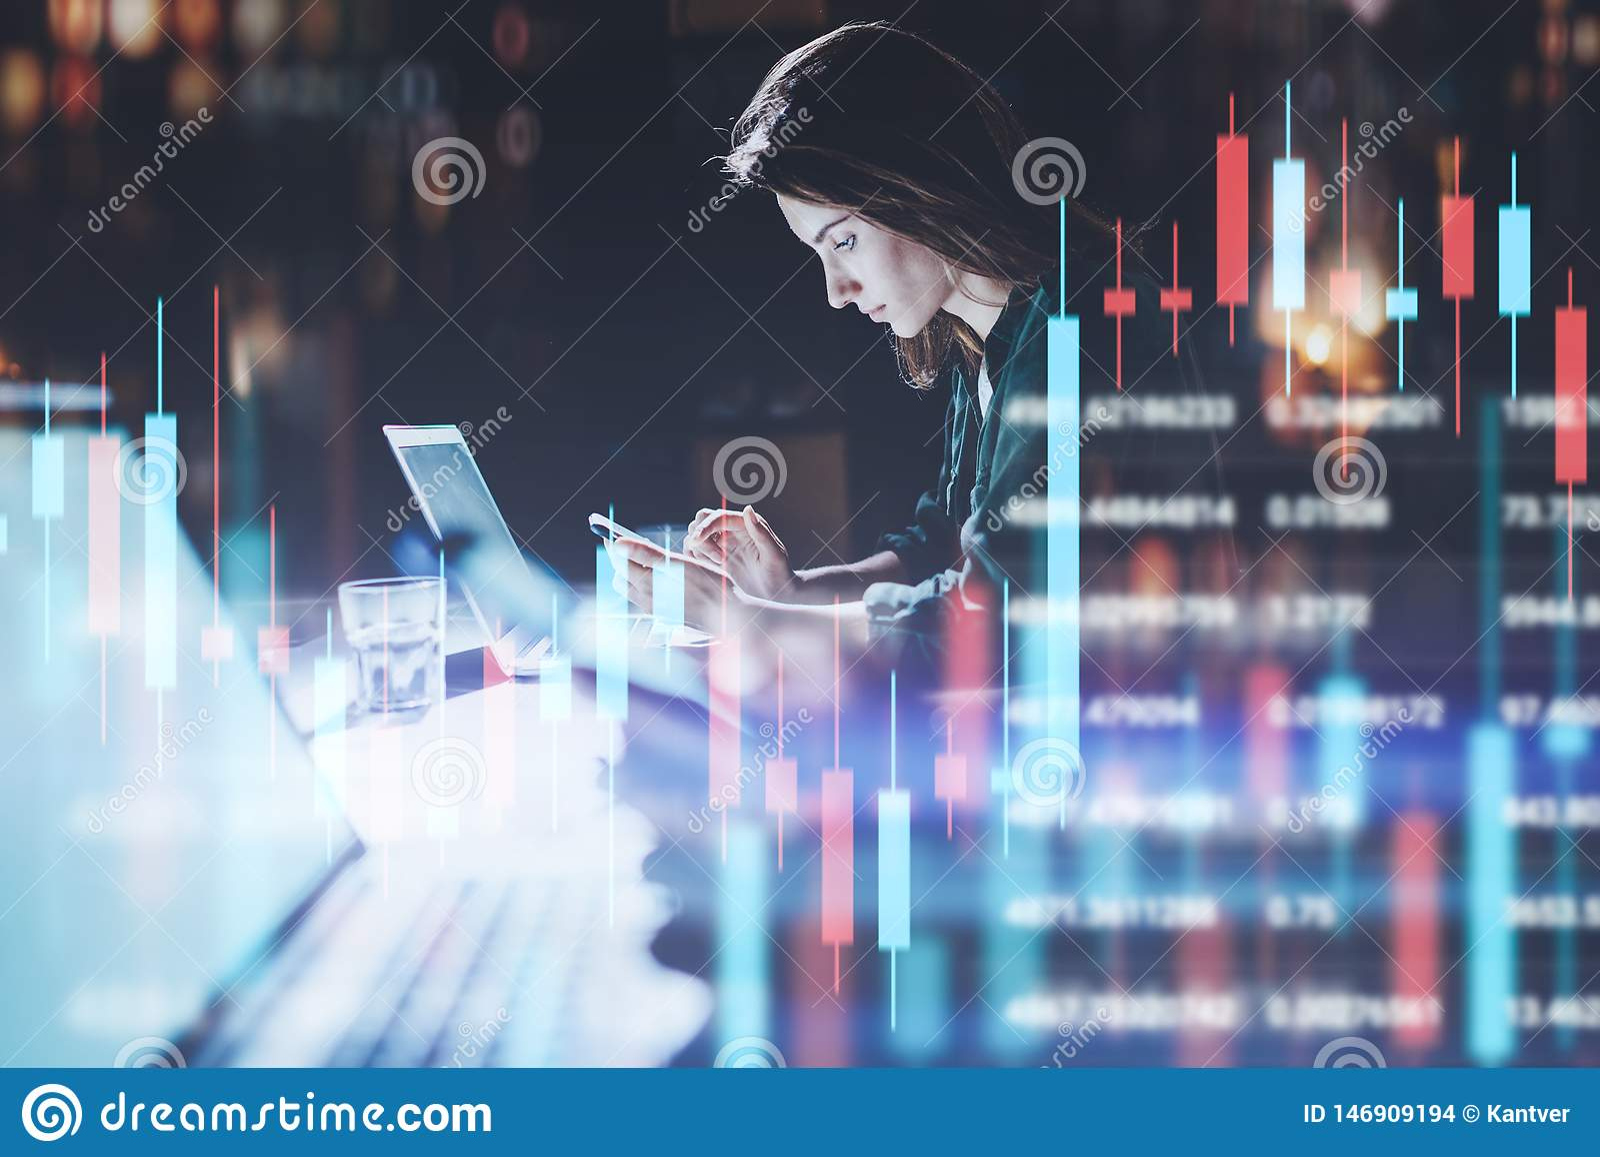 Bedrijfsvrouwenzitting op nachtkantoor vooraan laptop computer met financiële grafieken en het gebruiken van haar smartphone Rood